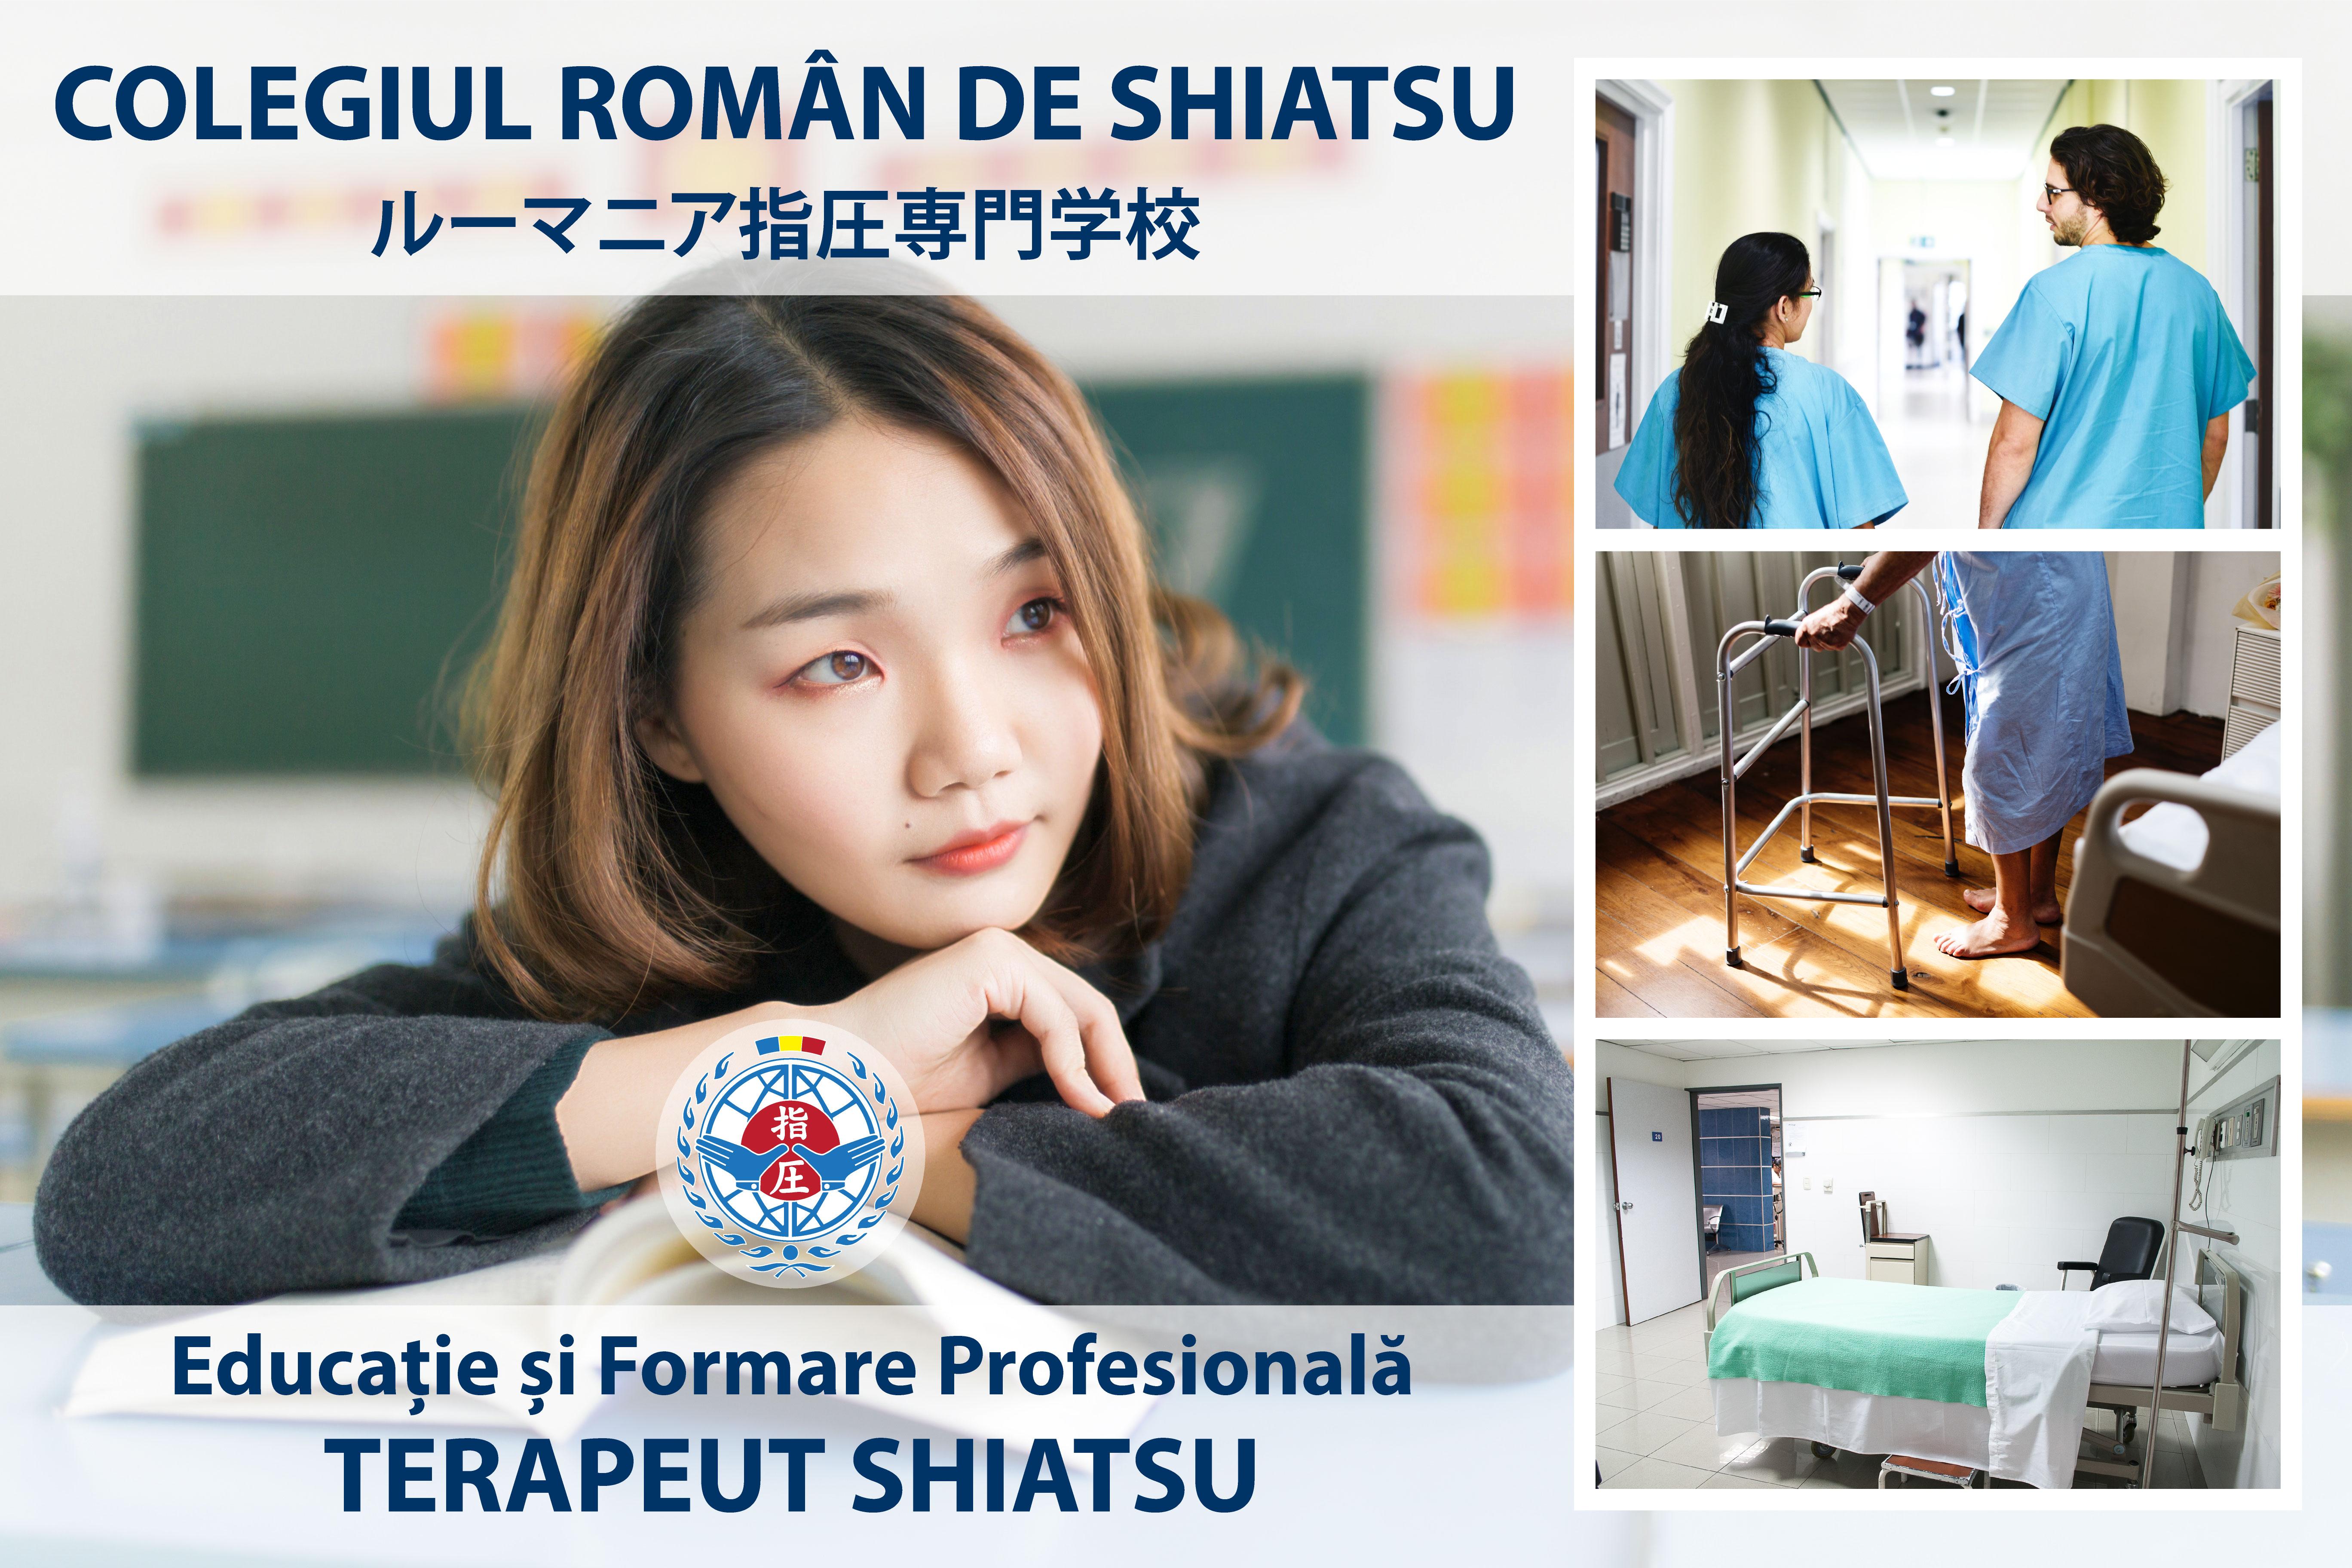 Colegiul Roman de Shiatsu